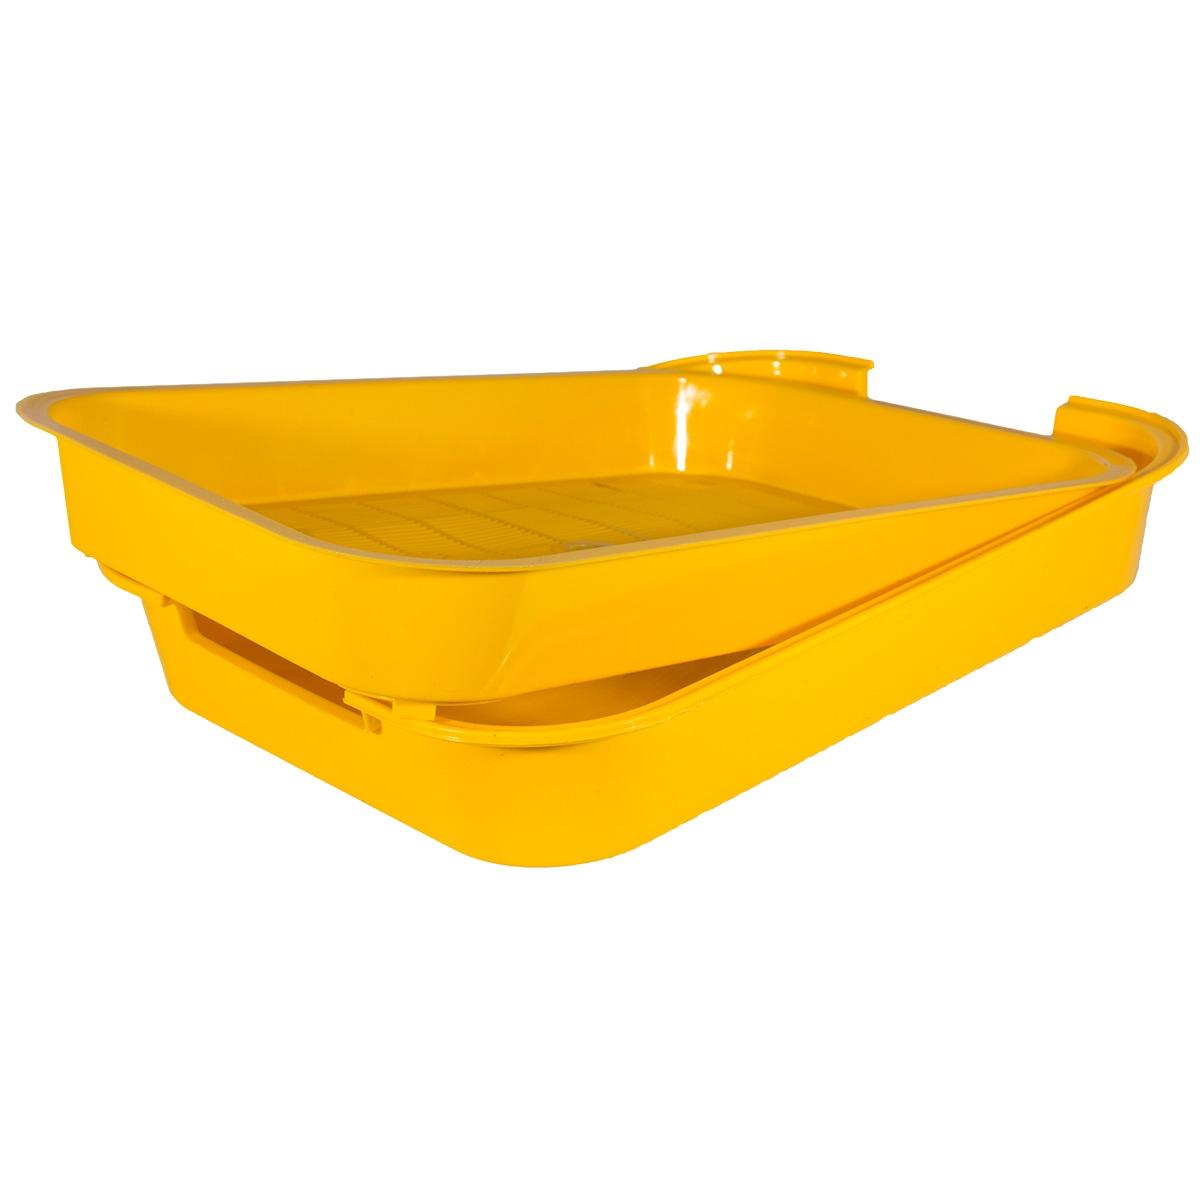 Лоток для животных АСН с решеткой, желтый0022Универсальный туалет для животных из вторично переработанного экопластика. Подходит для всех типов наполнителей. Безвреден для животных, не впитывает запахи.